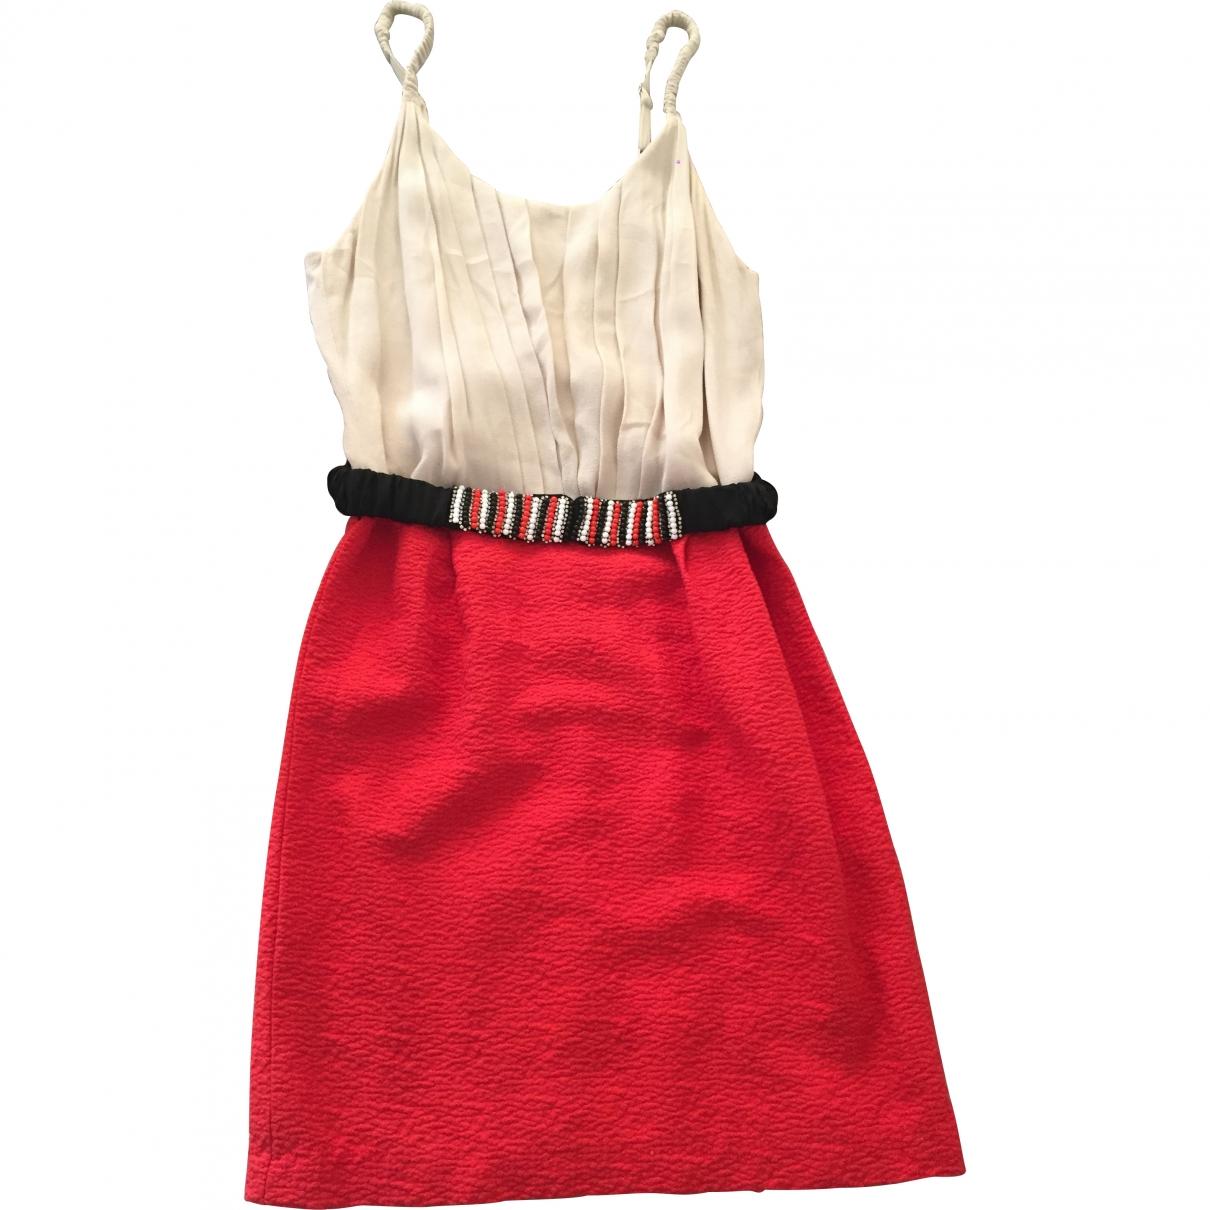 Sandro \N Ecru dress for Women 1 0-5